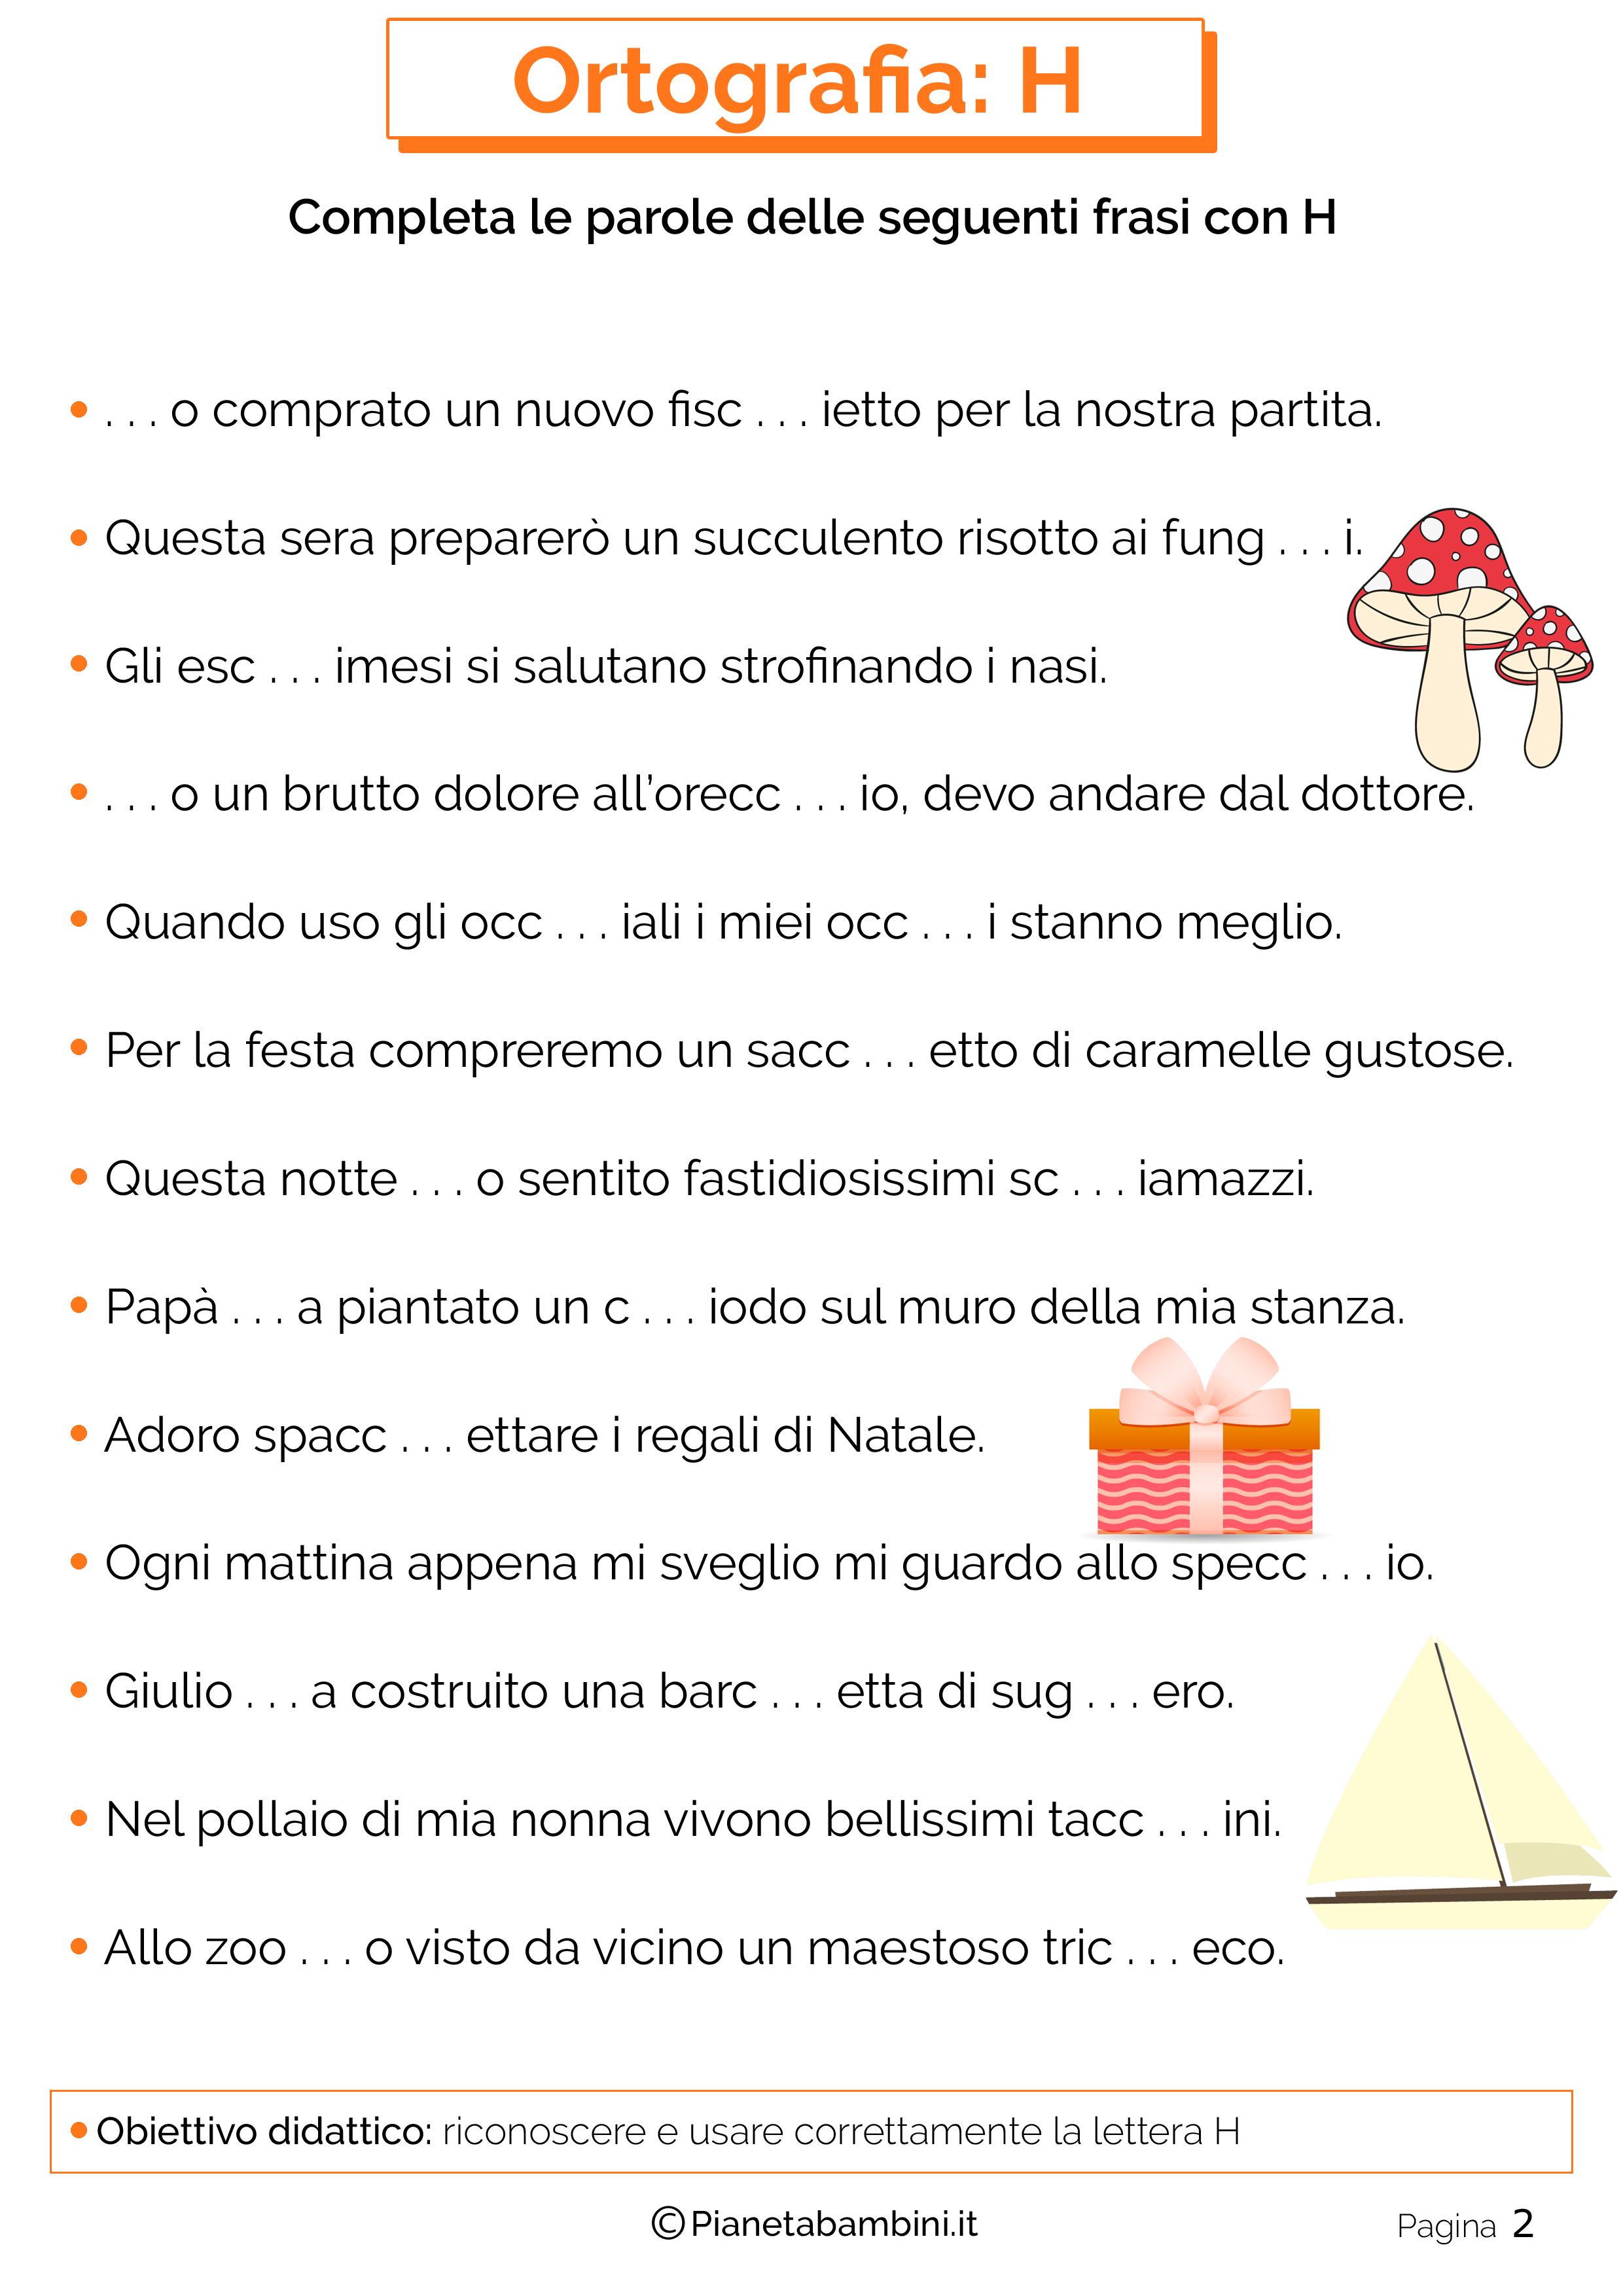 Conosciuto Schede Didattiche sull'H da Stampare | PianetaBambini.it BK74